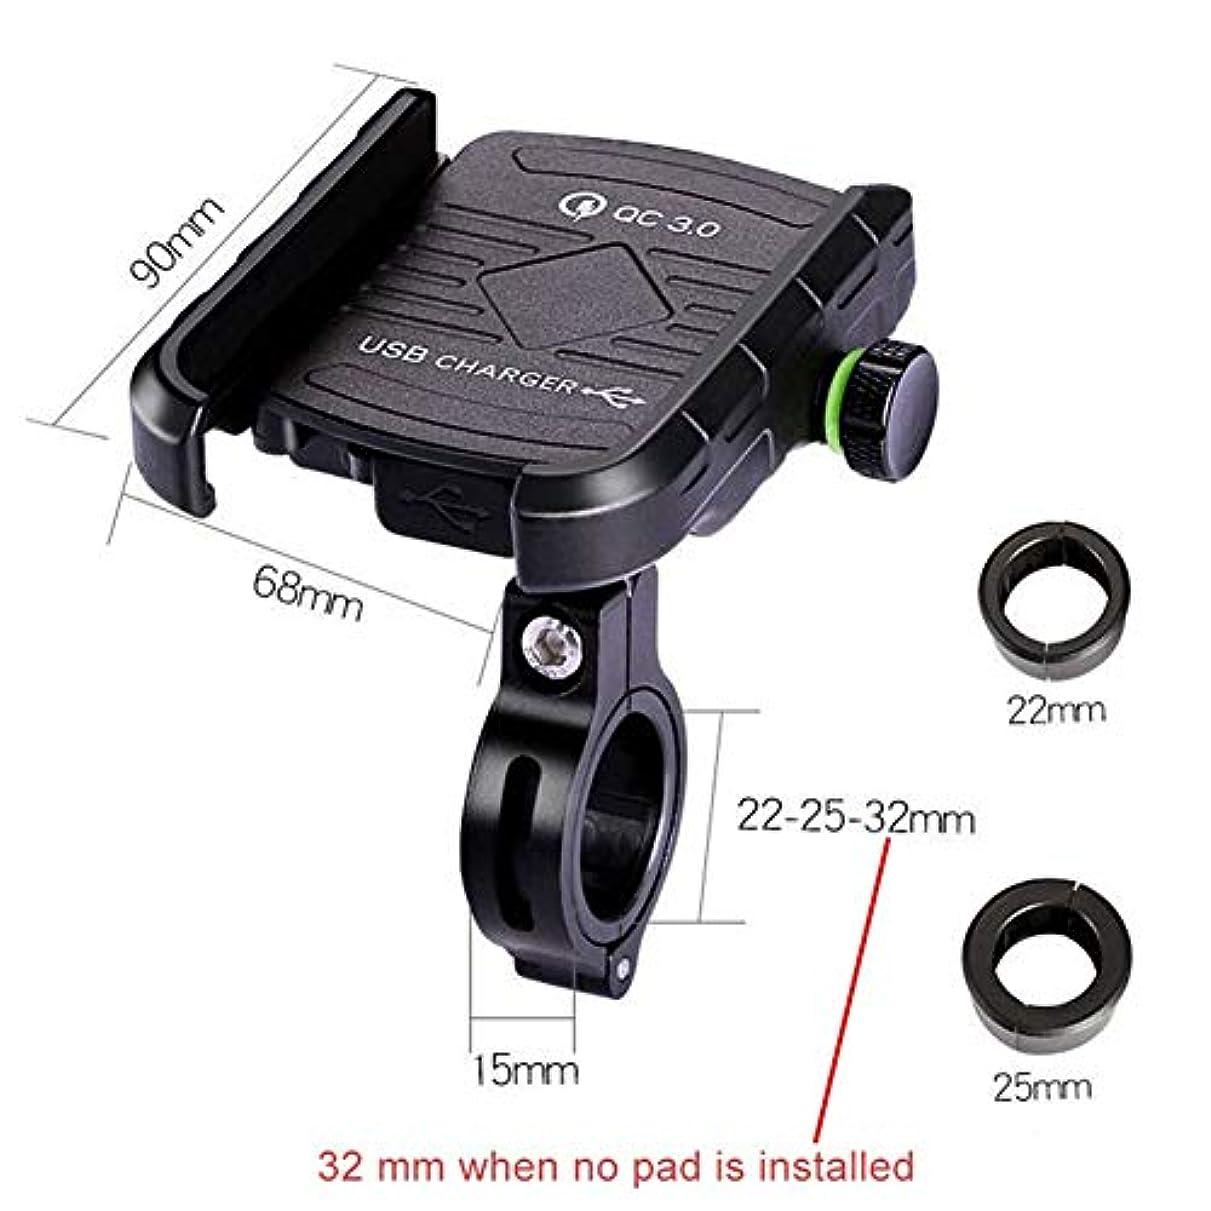 センター倍増どっちでも自転車オートバイ携帯電話マウントホルダー - オートバイ/自転車USB充電器QC 3.0高速充電電話ブラケット、あらゆるスマートフォンGPS用 - ユニバーサルマウンテンロードバイクオートバイ